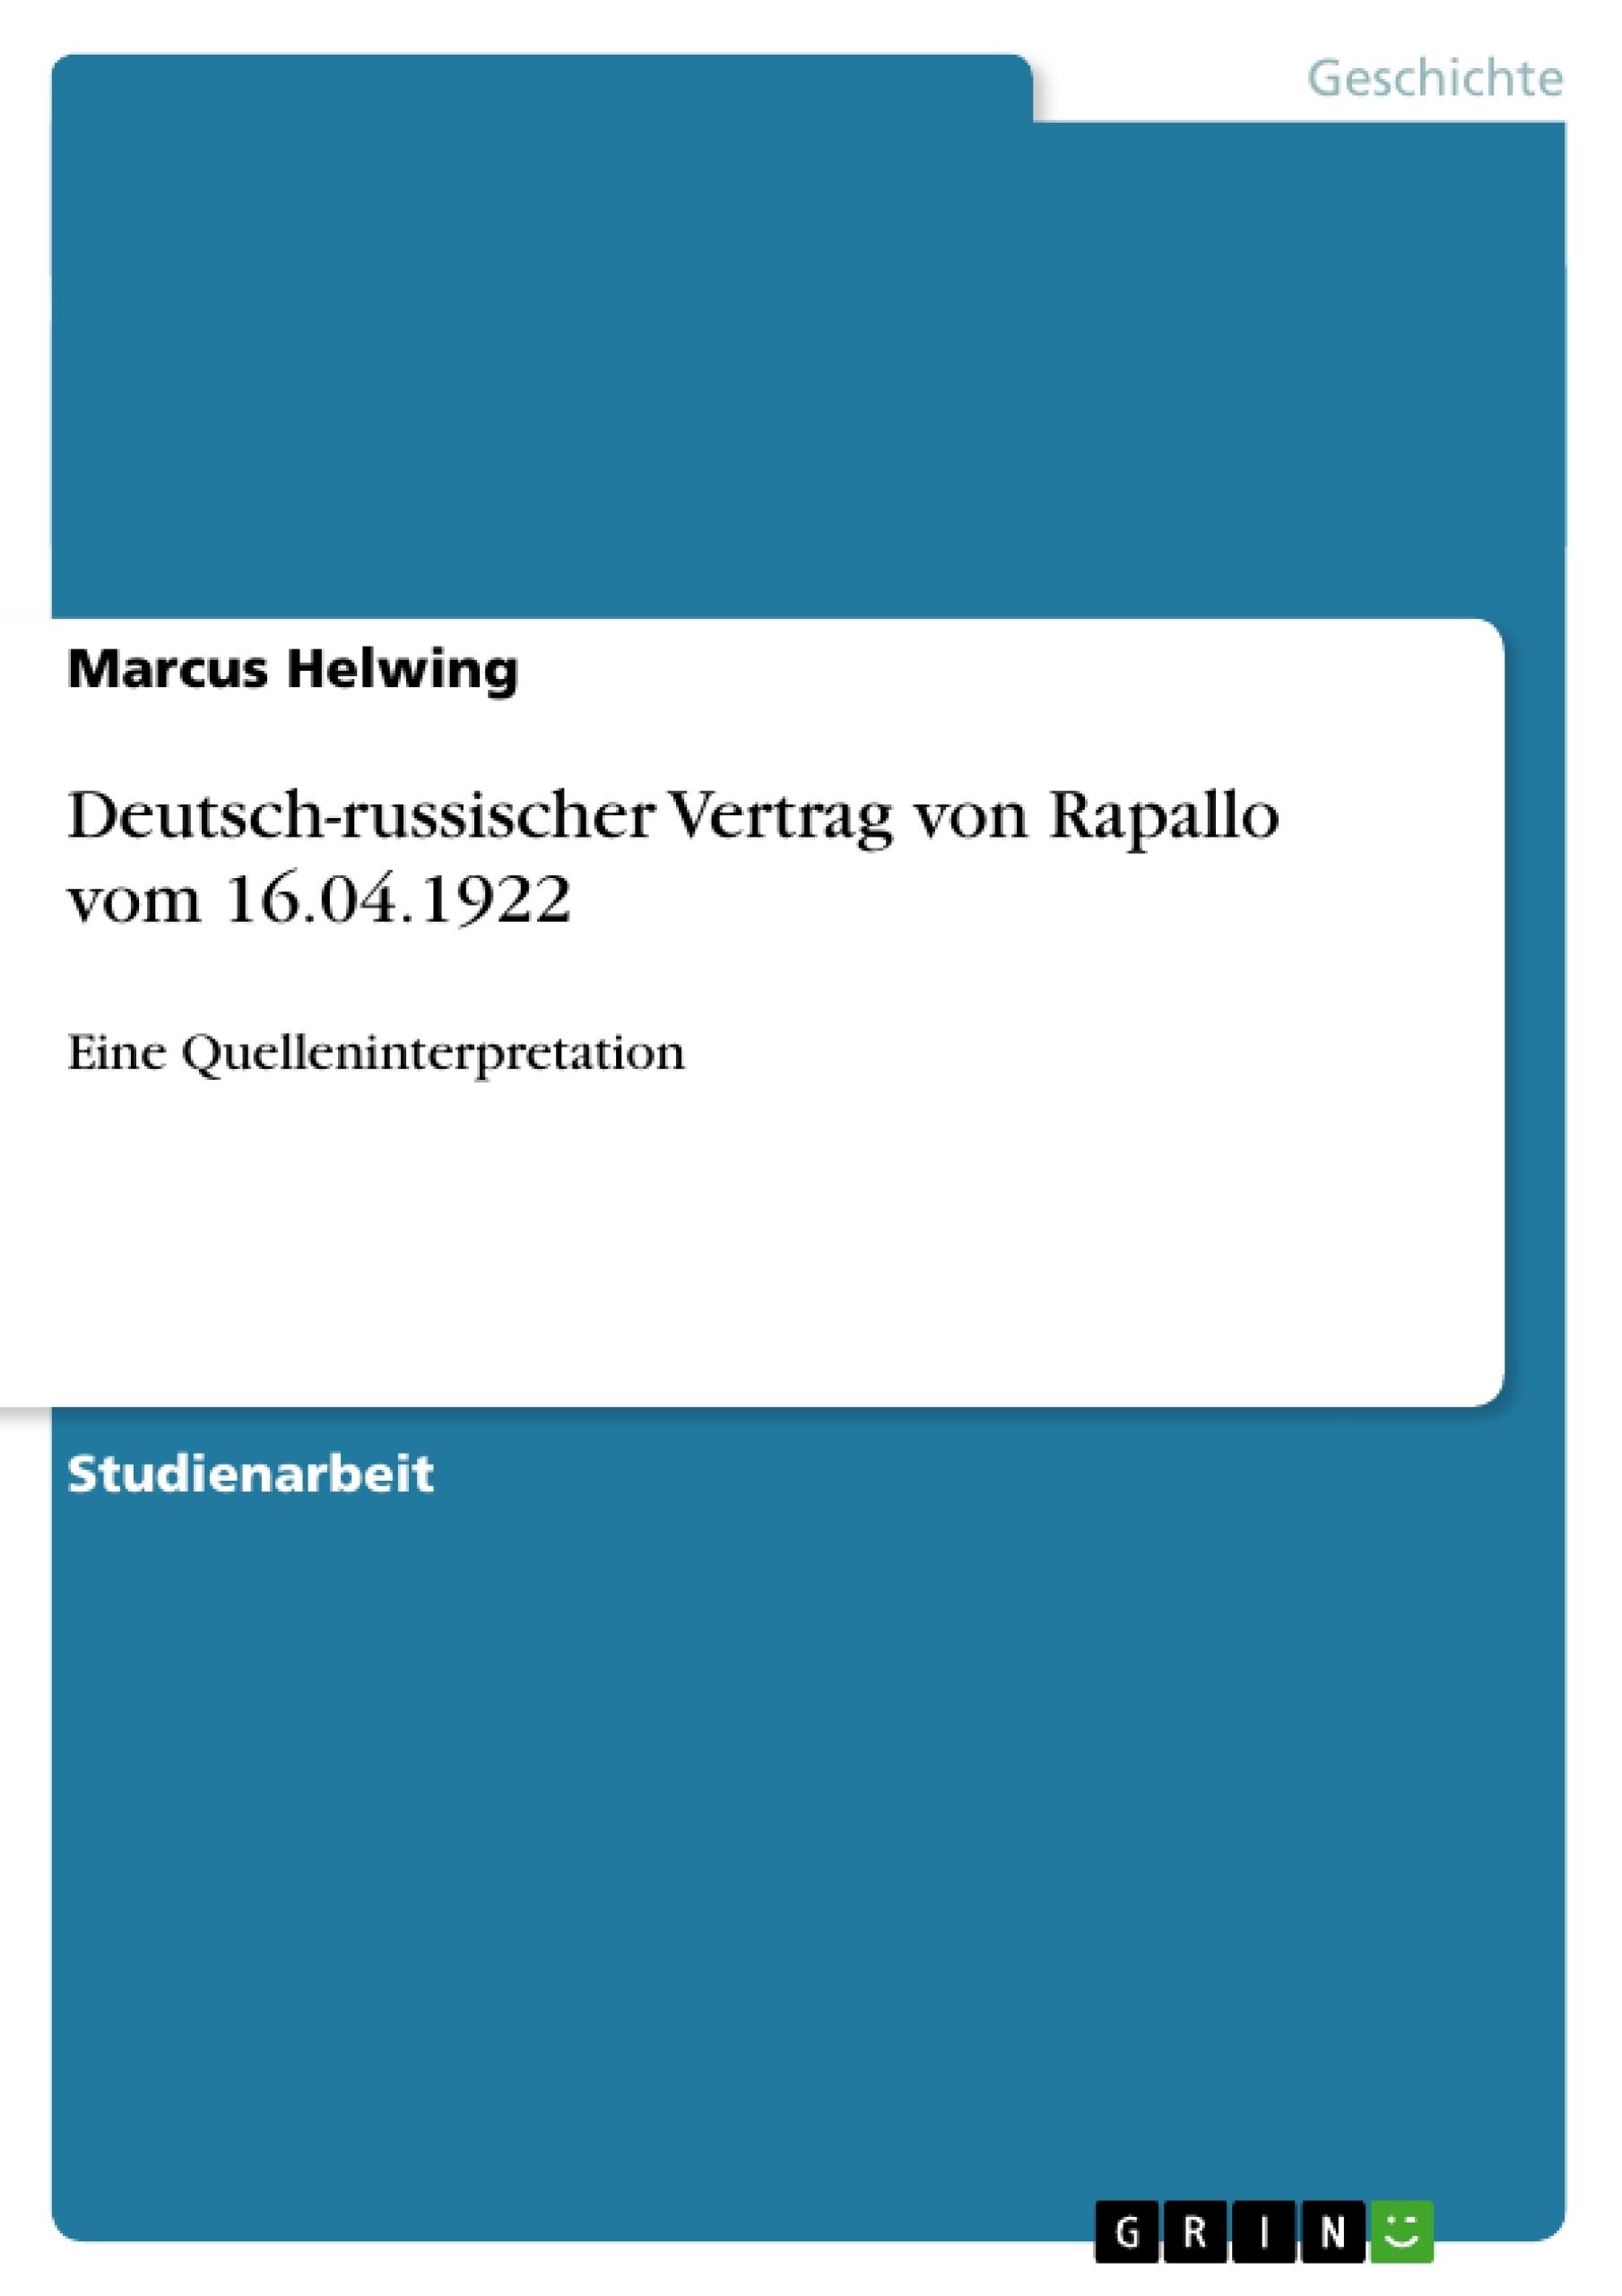 Titel: Deutsch-russischer Vertrag von Rapallo vom 16.04.1922